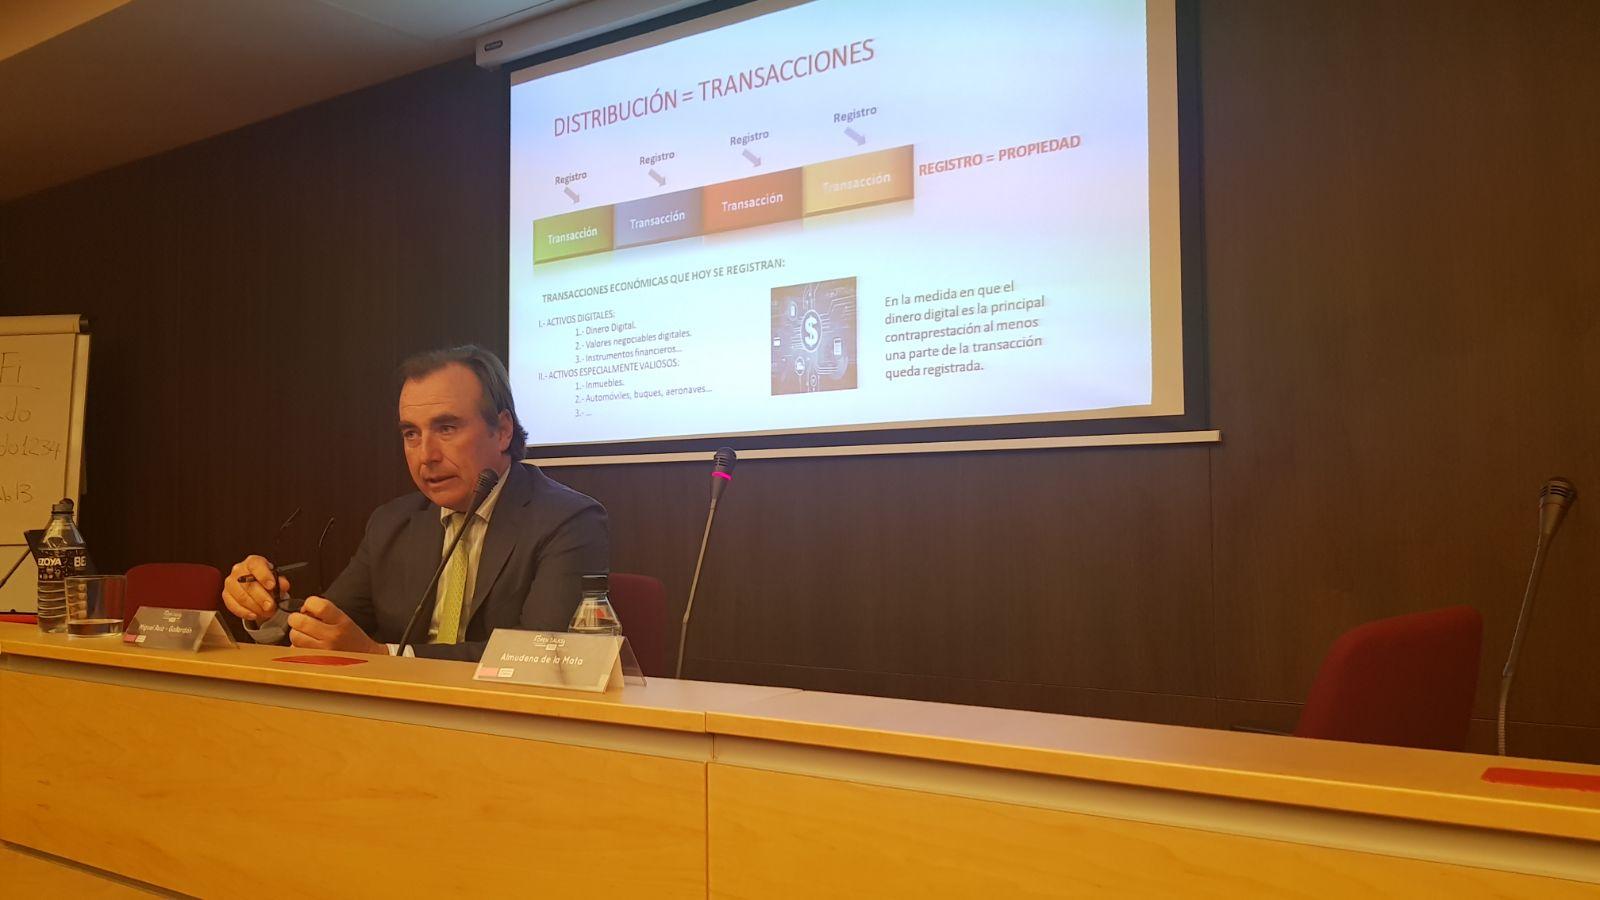 Miguel-Ruiz-Gallardon-Aspectos-Juridicos-de-la-Tokenizacion-de-Activos